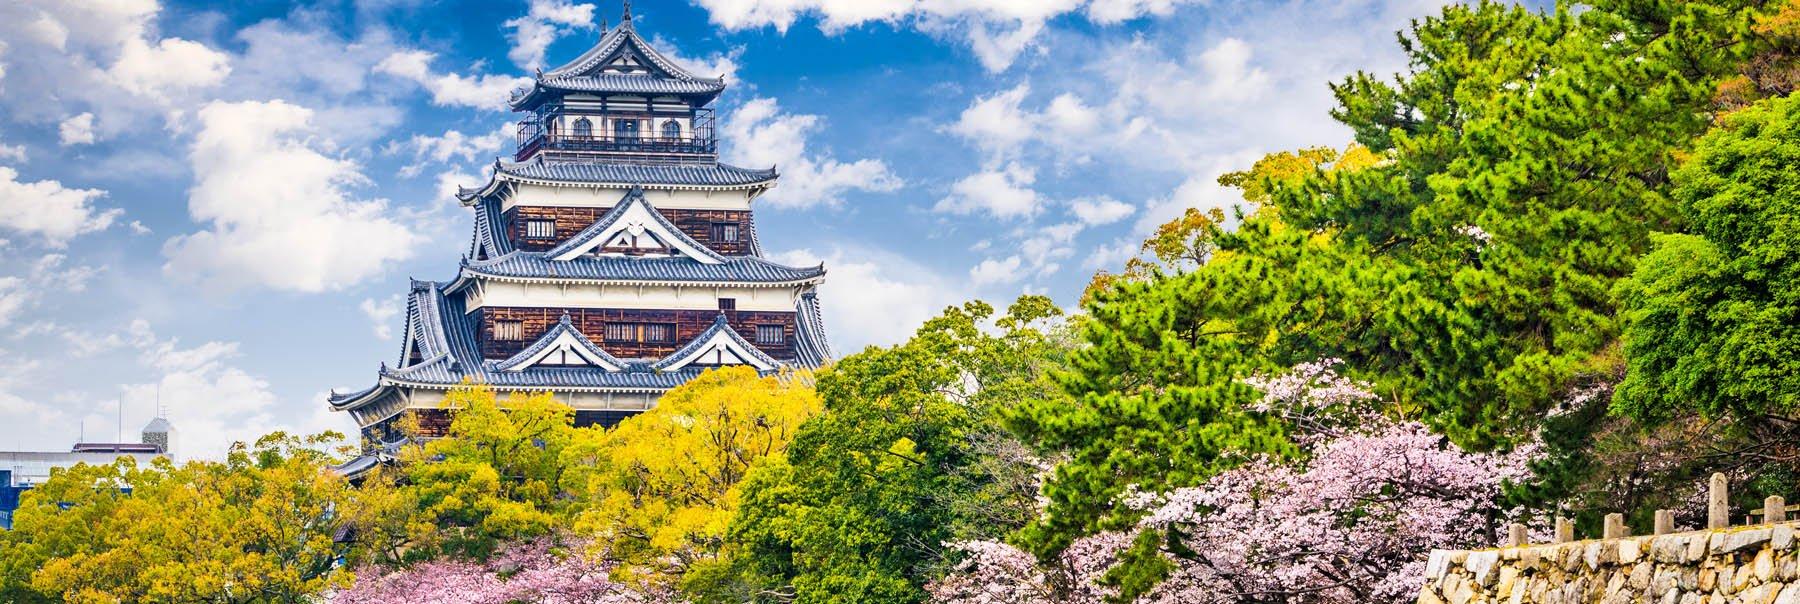 jp, hiroshima, hiroshima kasteel.jpg